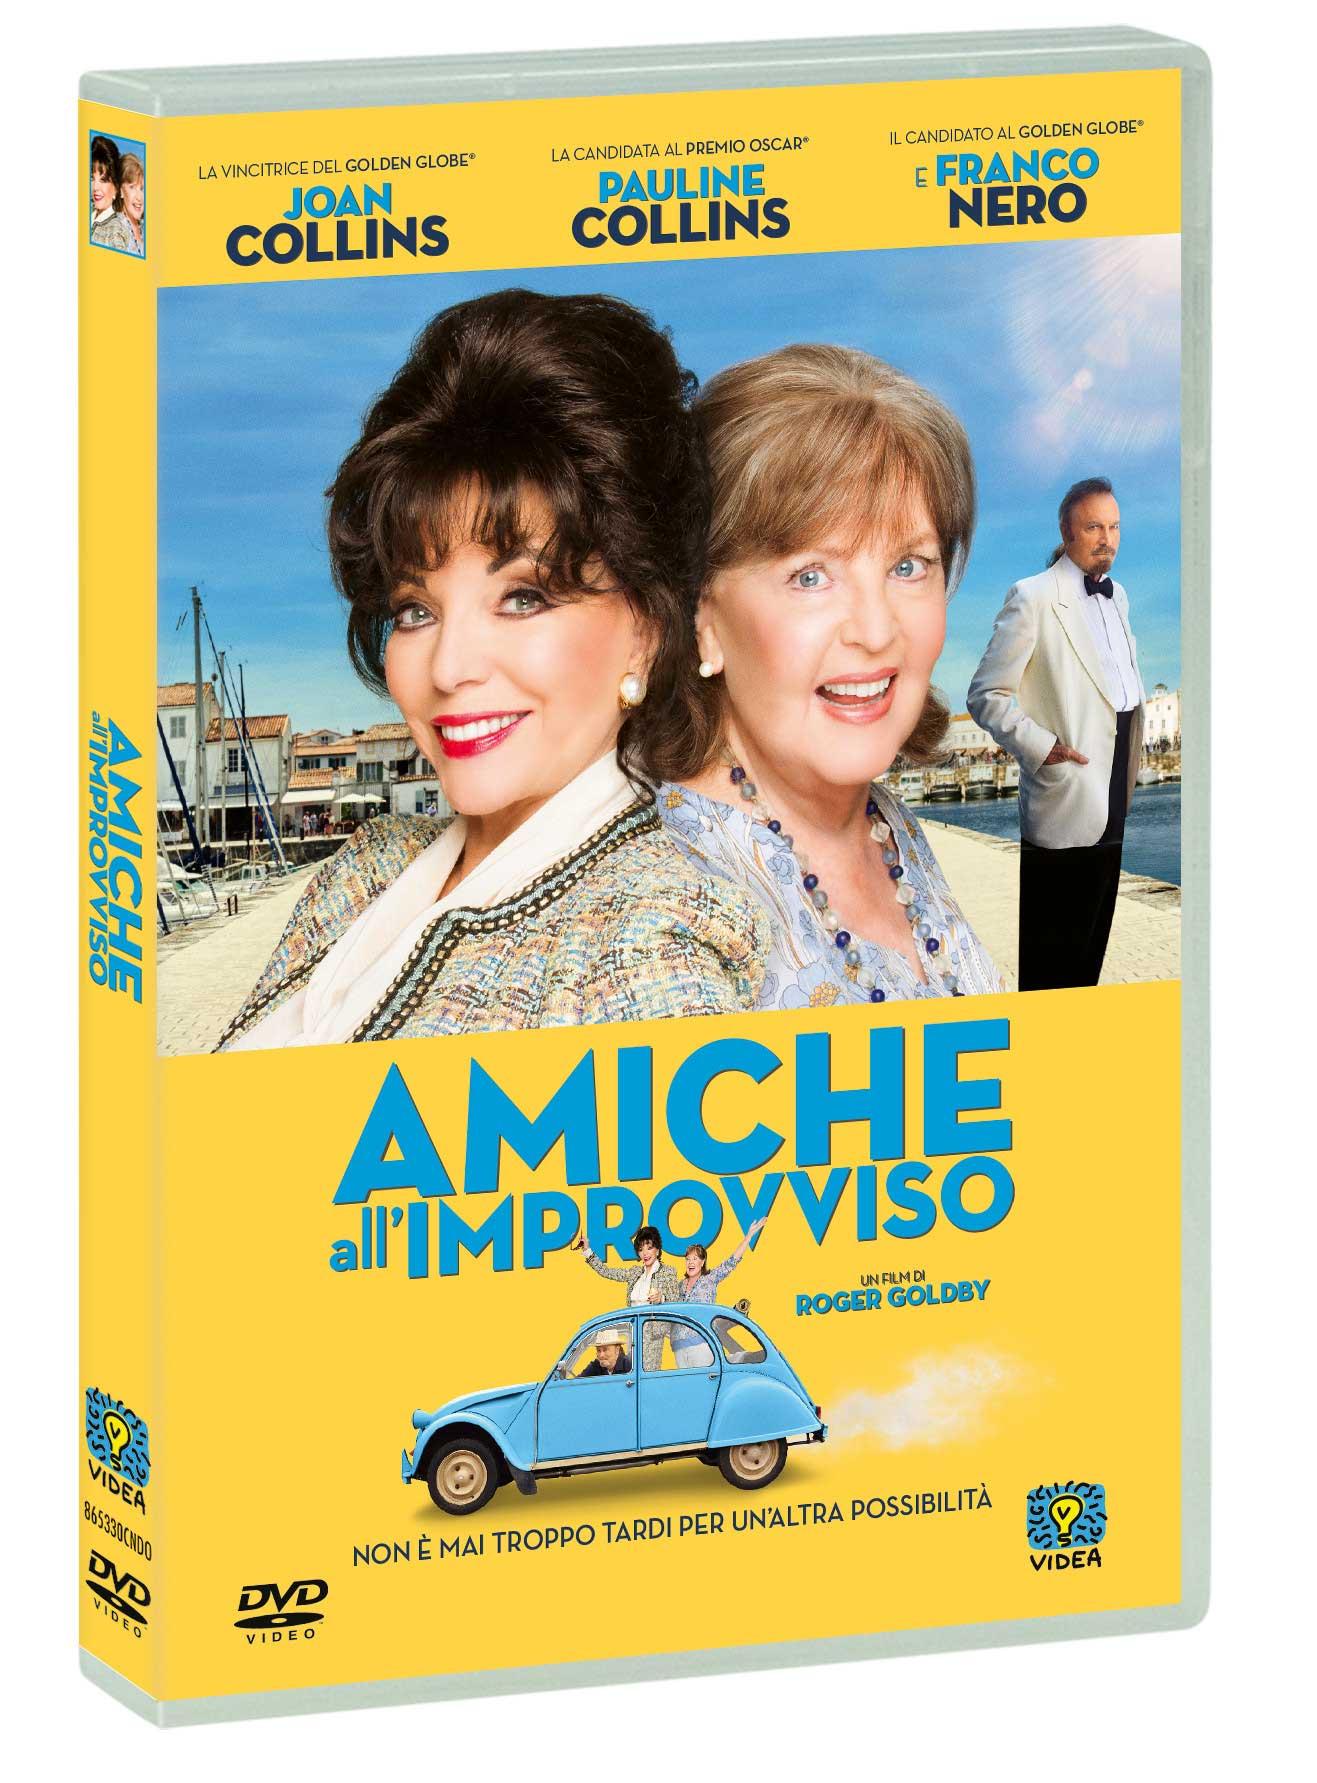 AMICHE ALL'IMPROVVISO (DVD)